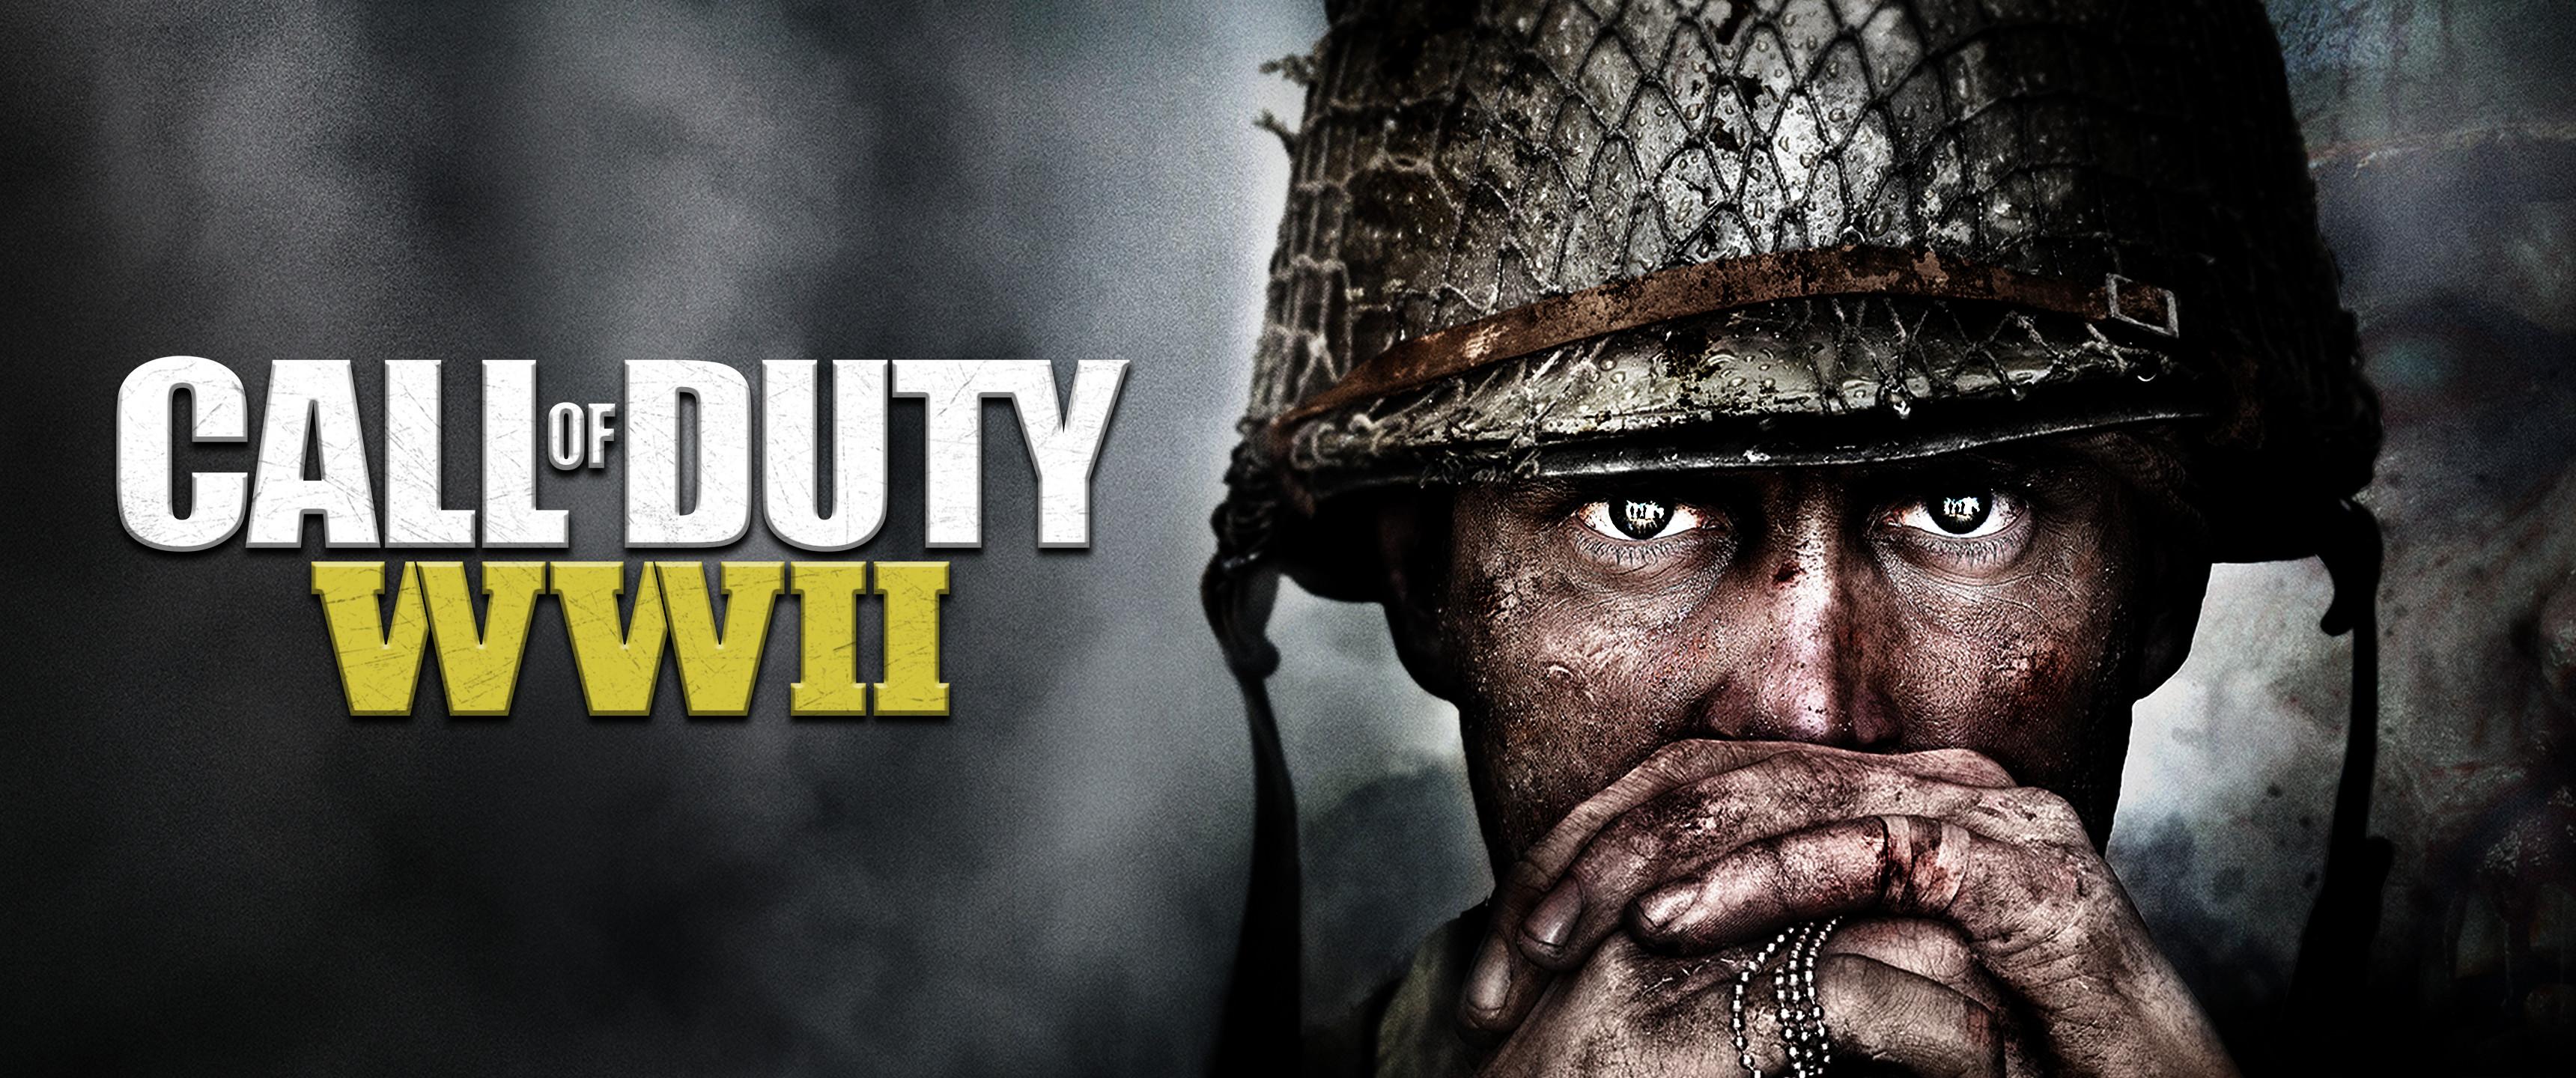 World war 2 wallpaper hd 62 images - Call of duty world war 2 background ...